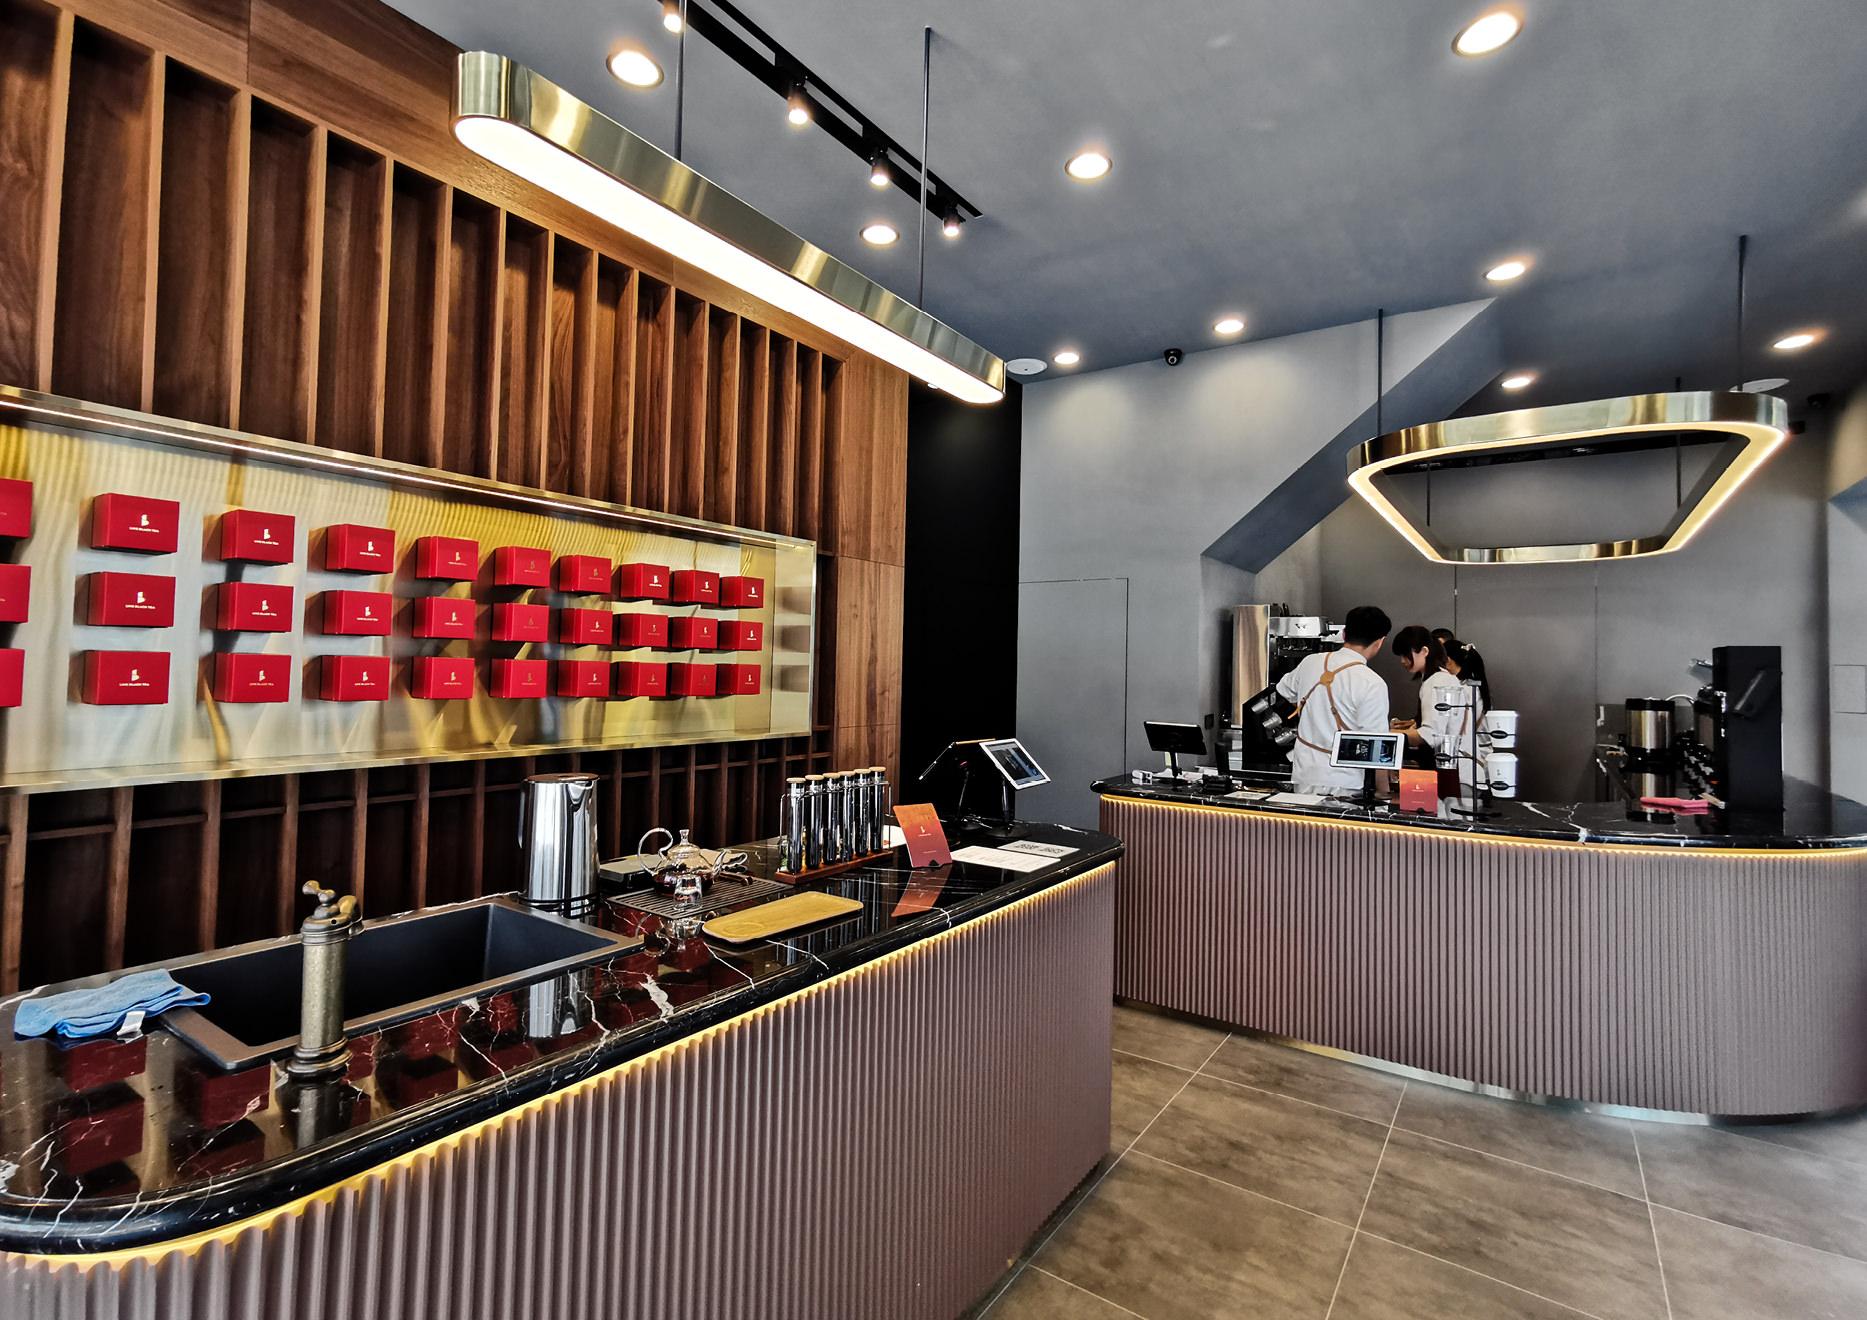 tea shop interior